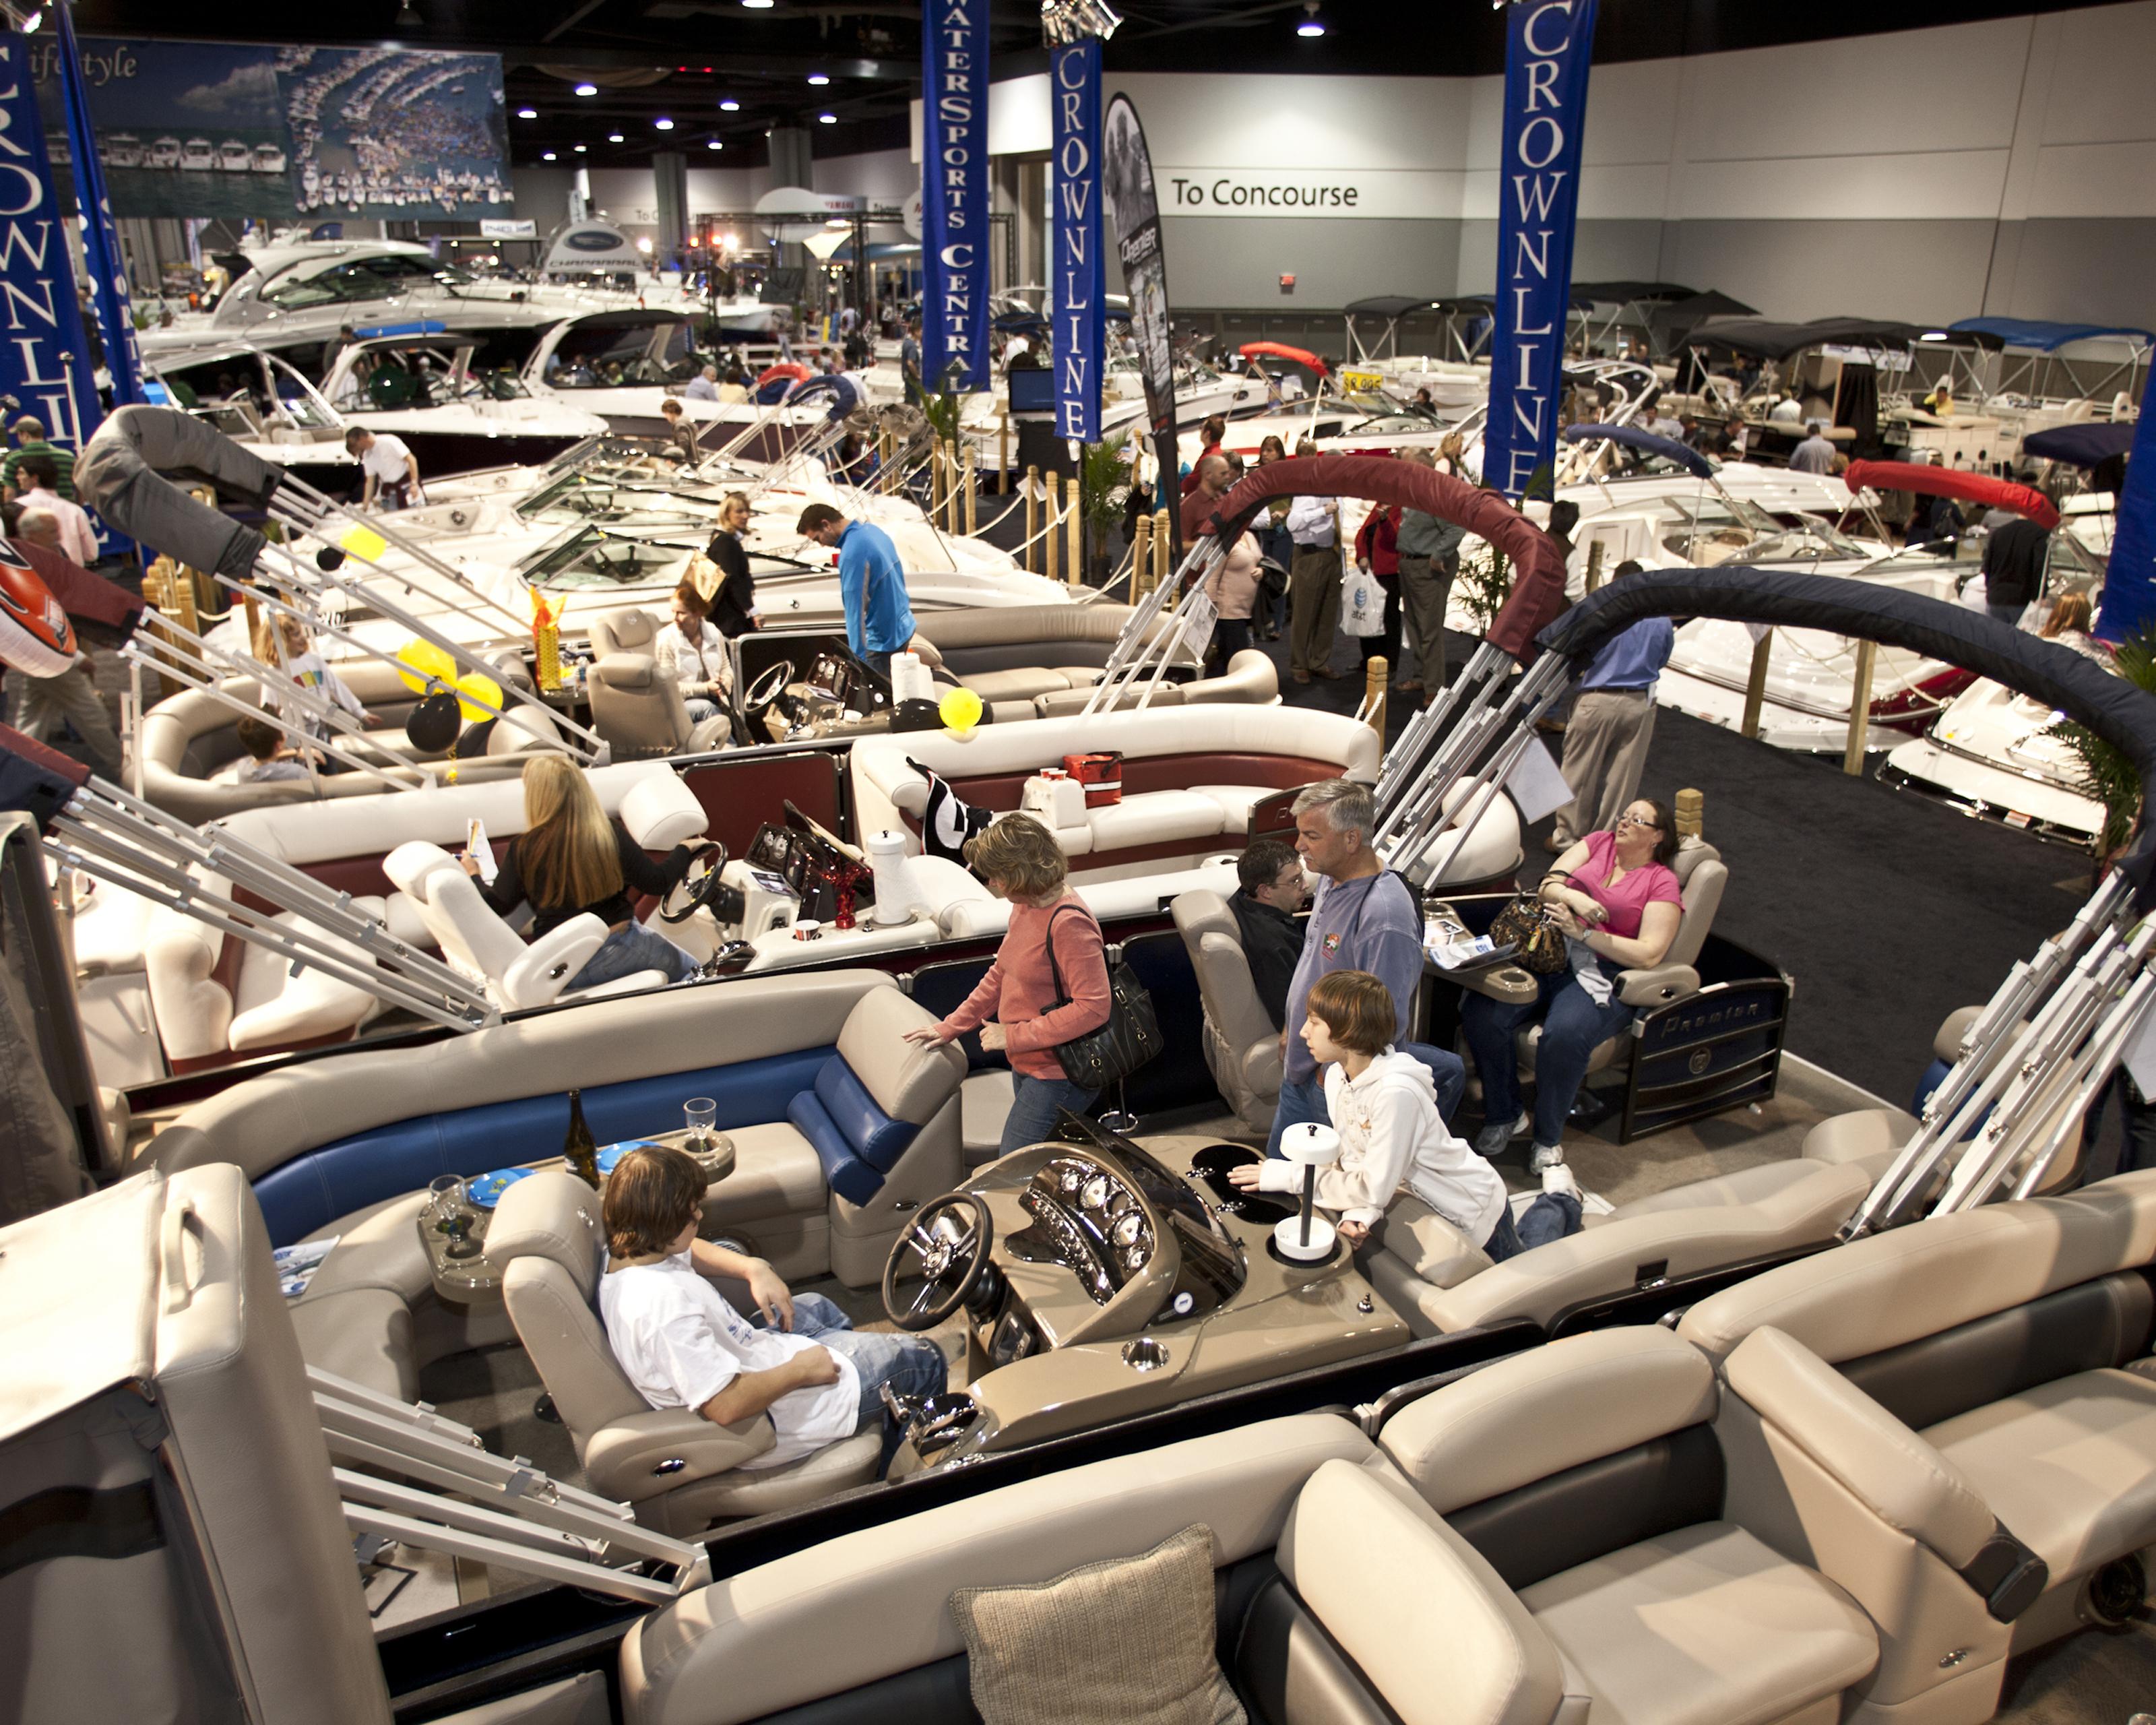 Atlanta Boat Show Is Back Jan At World Congress Center - Car show world congress center atlanta